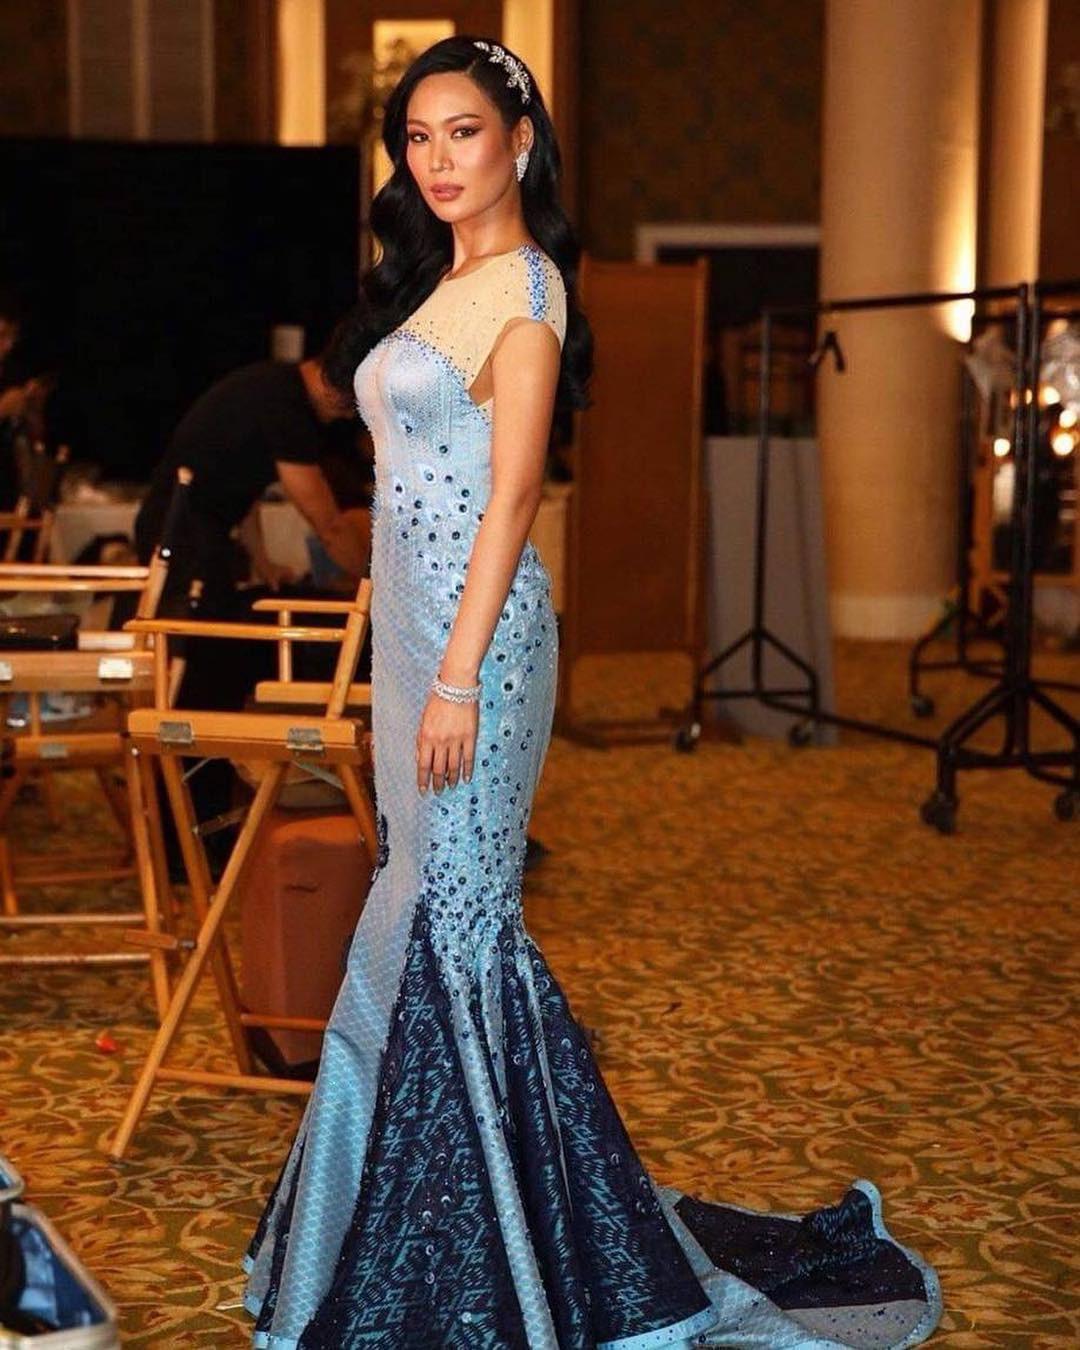 Chê trang phục Hoa hậu Hoàn vũ do công chúa Thái Lan thiết kế, nữ Youtuber đối mặt với án tù - Ảnh 2.